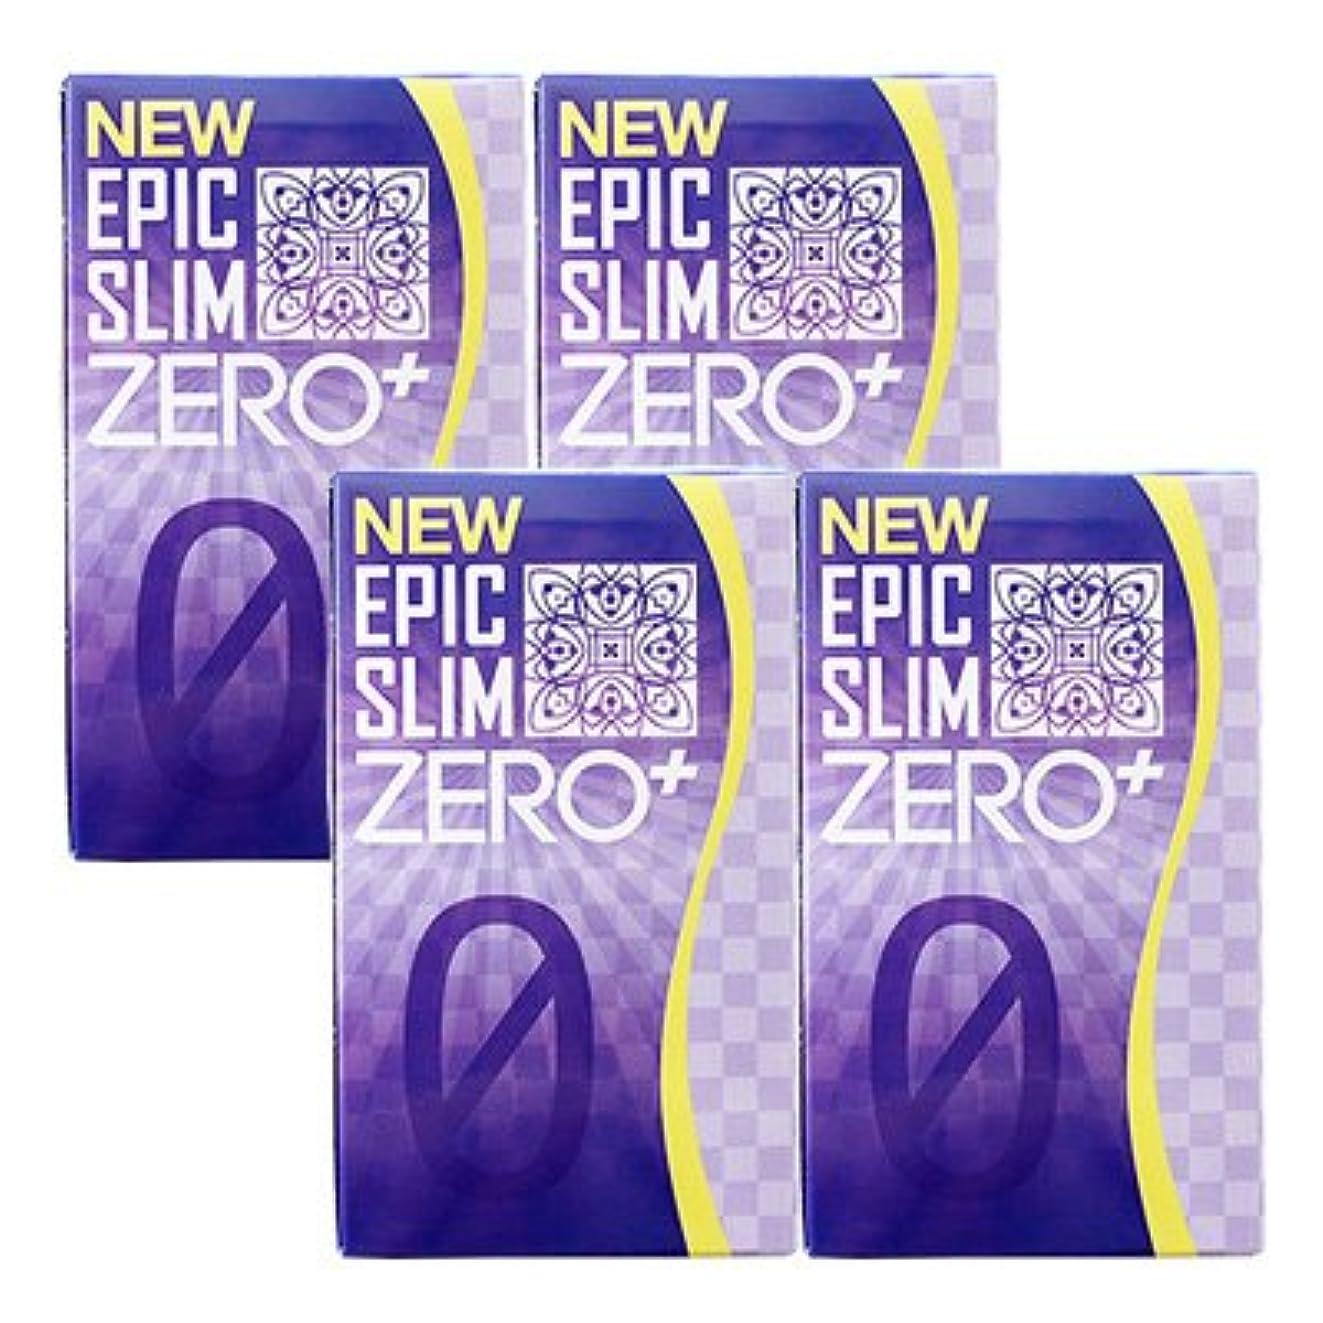 シャッター検出食事を調理するNEW エピックスリム ゼロ+ 4個セット NEW Epic Slim ZERO PLUS